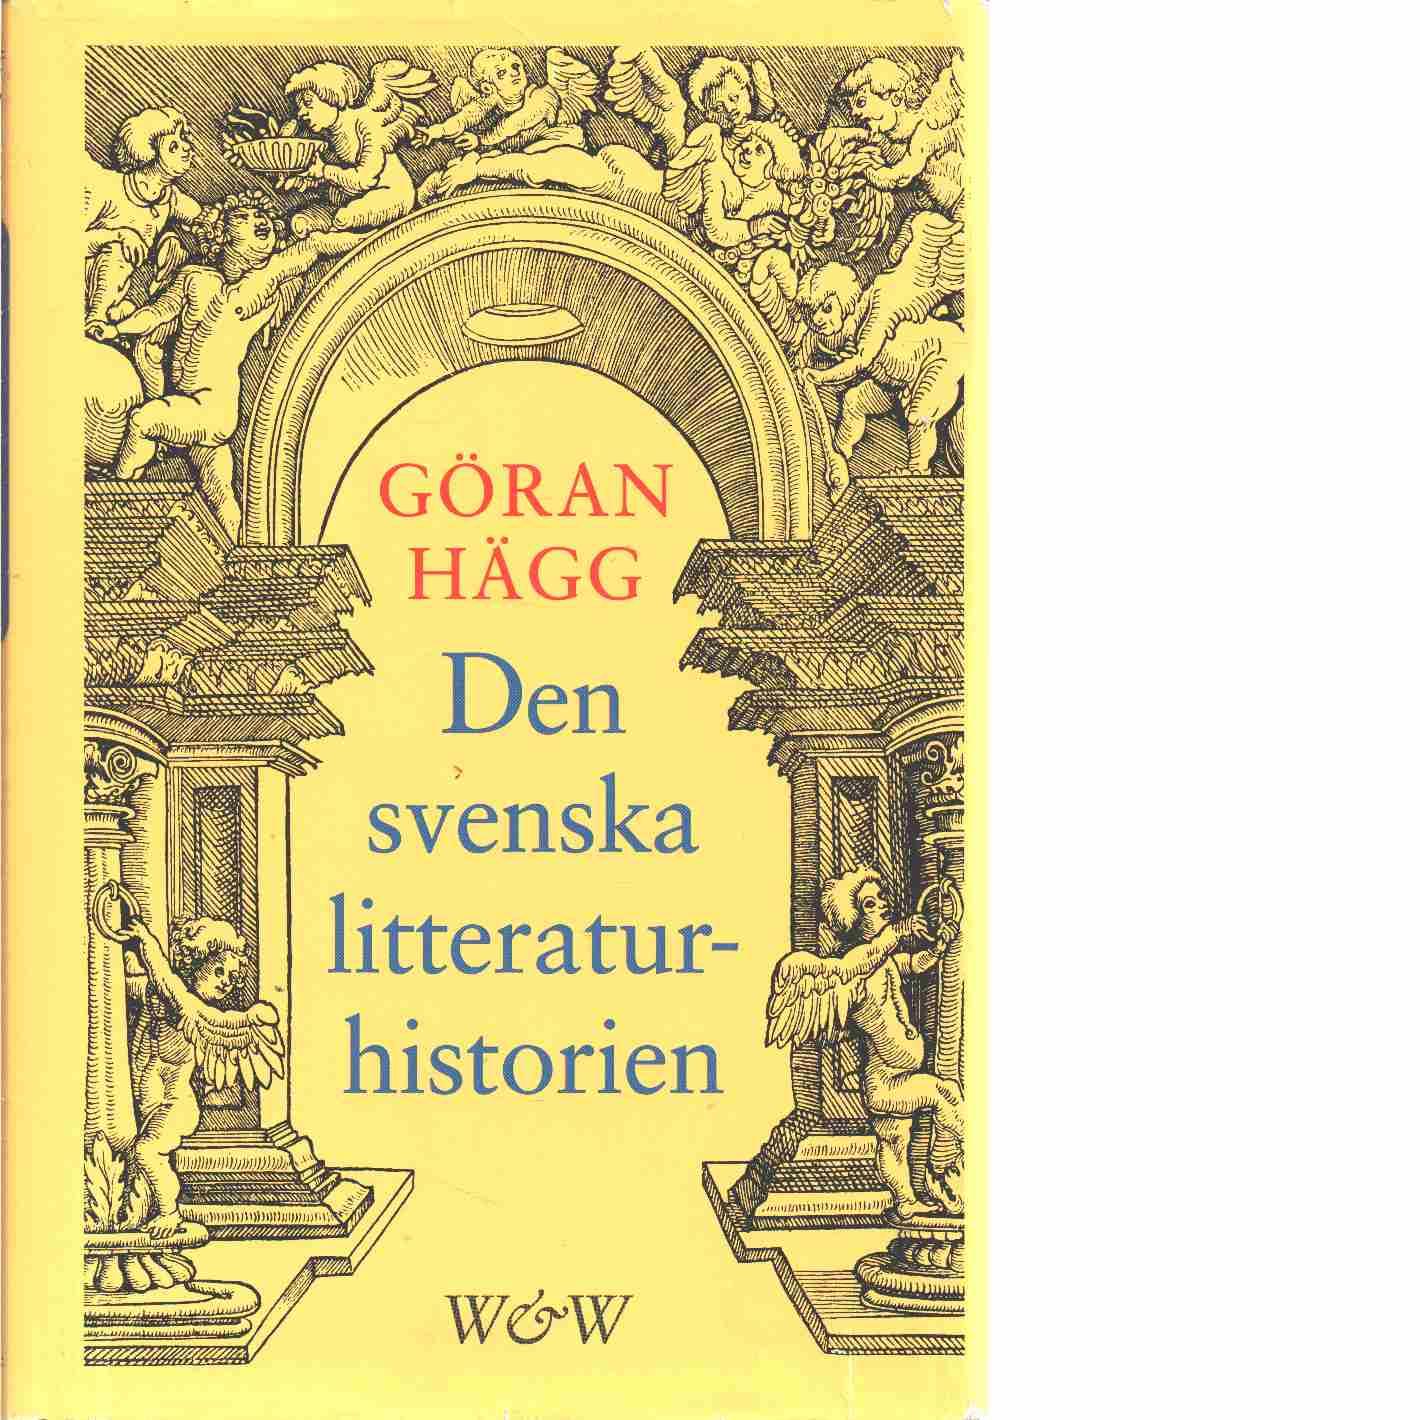 Den svenska litteraturhistorien  - Hägg, Göran